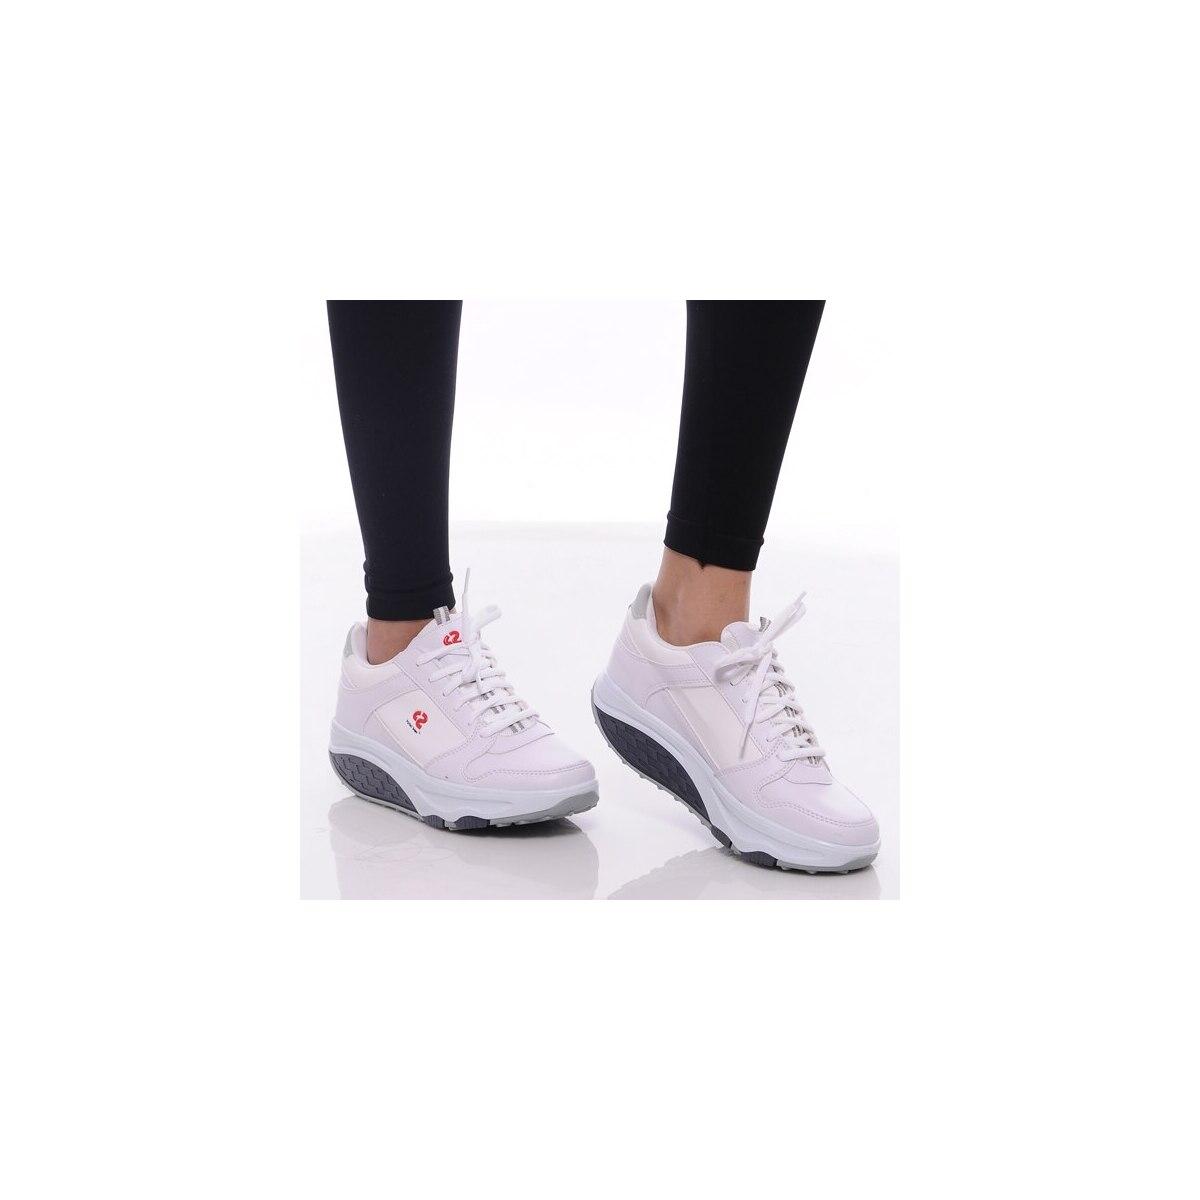 Perfect Steps Günlük Spor - Zayıflatıcı Siyah Yürüyüş Ayakkabısı